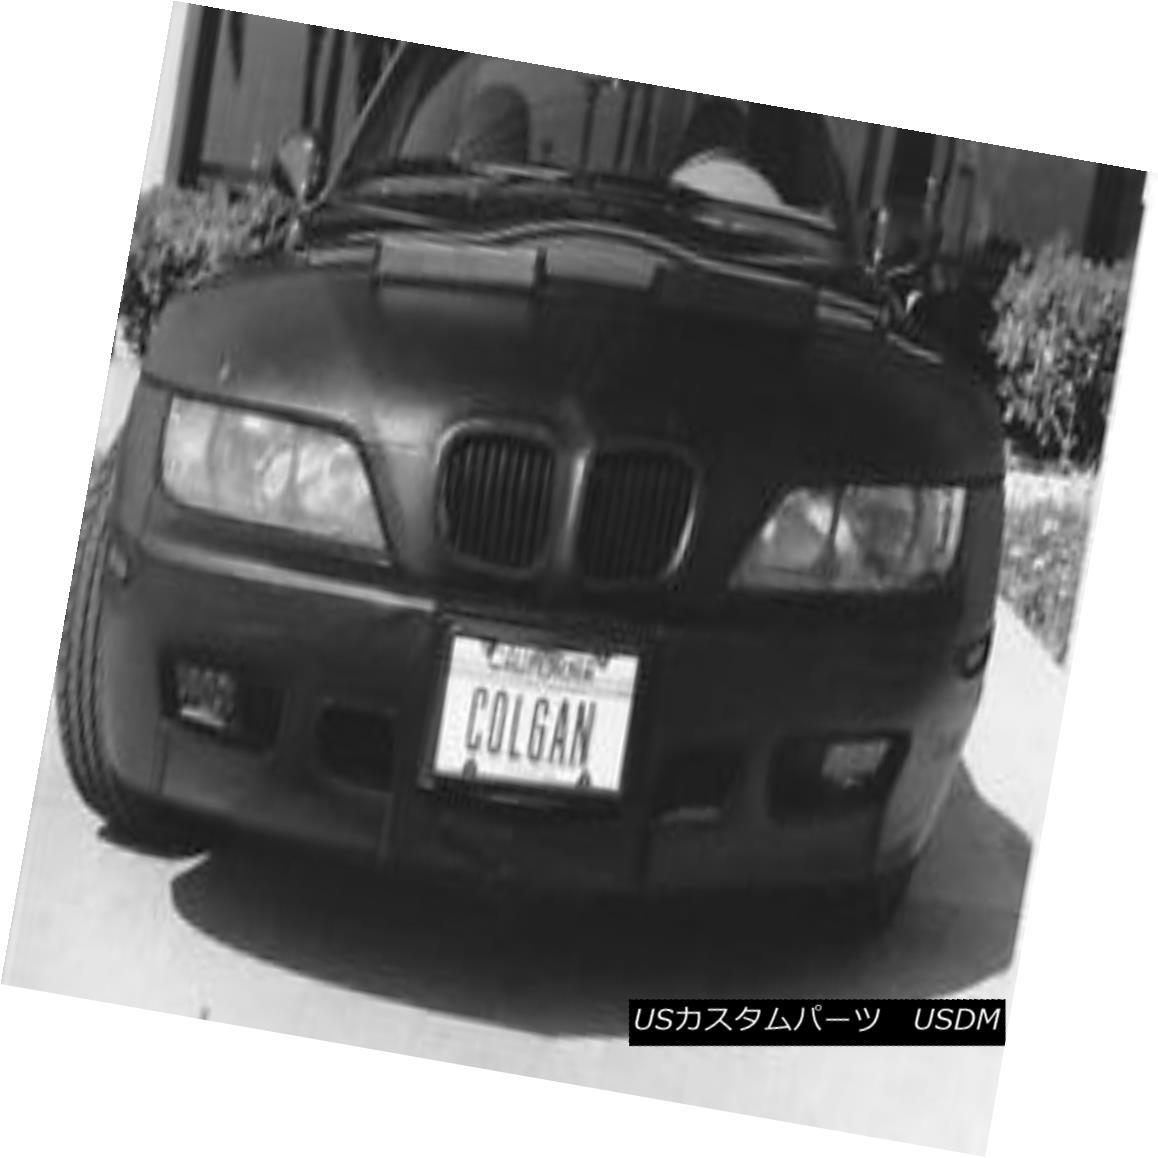 フルブラ ノーズブラ Colgan Front End Mask Bra 2pc. Fits BMW Z3, 1.9 Roadster 1996-98 W/O Front TAG コルガンフロントエンドマスクブラ2pc BMW Z3、1.9ロードスター1996-98 W / OフロントTAGに適合